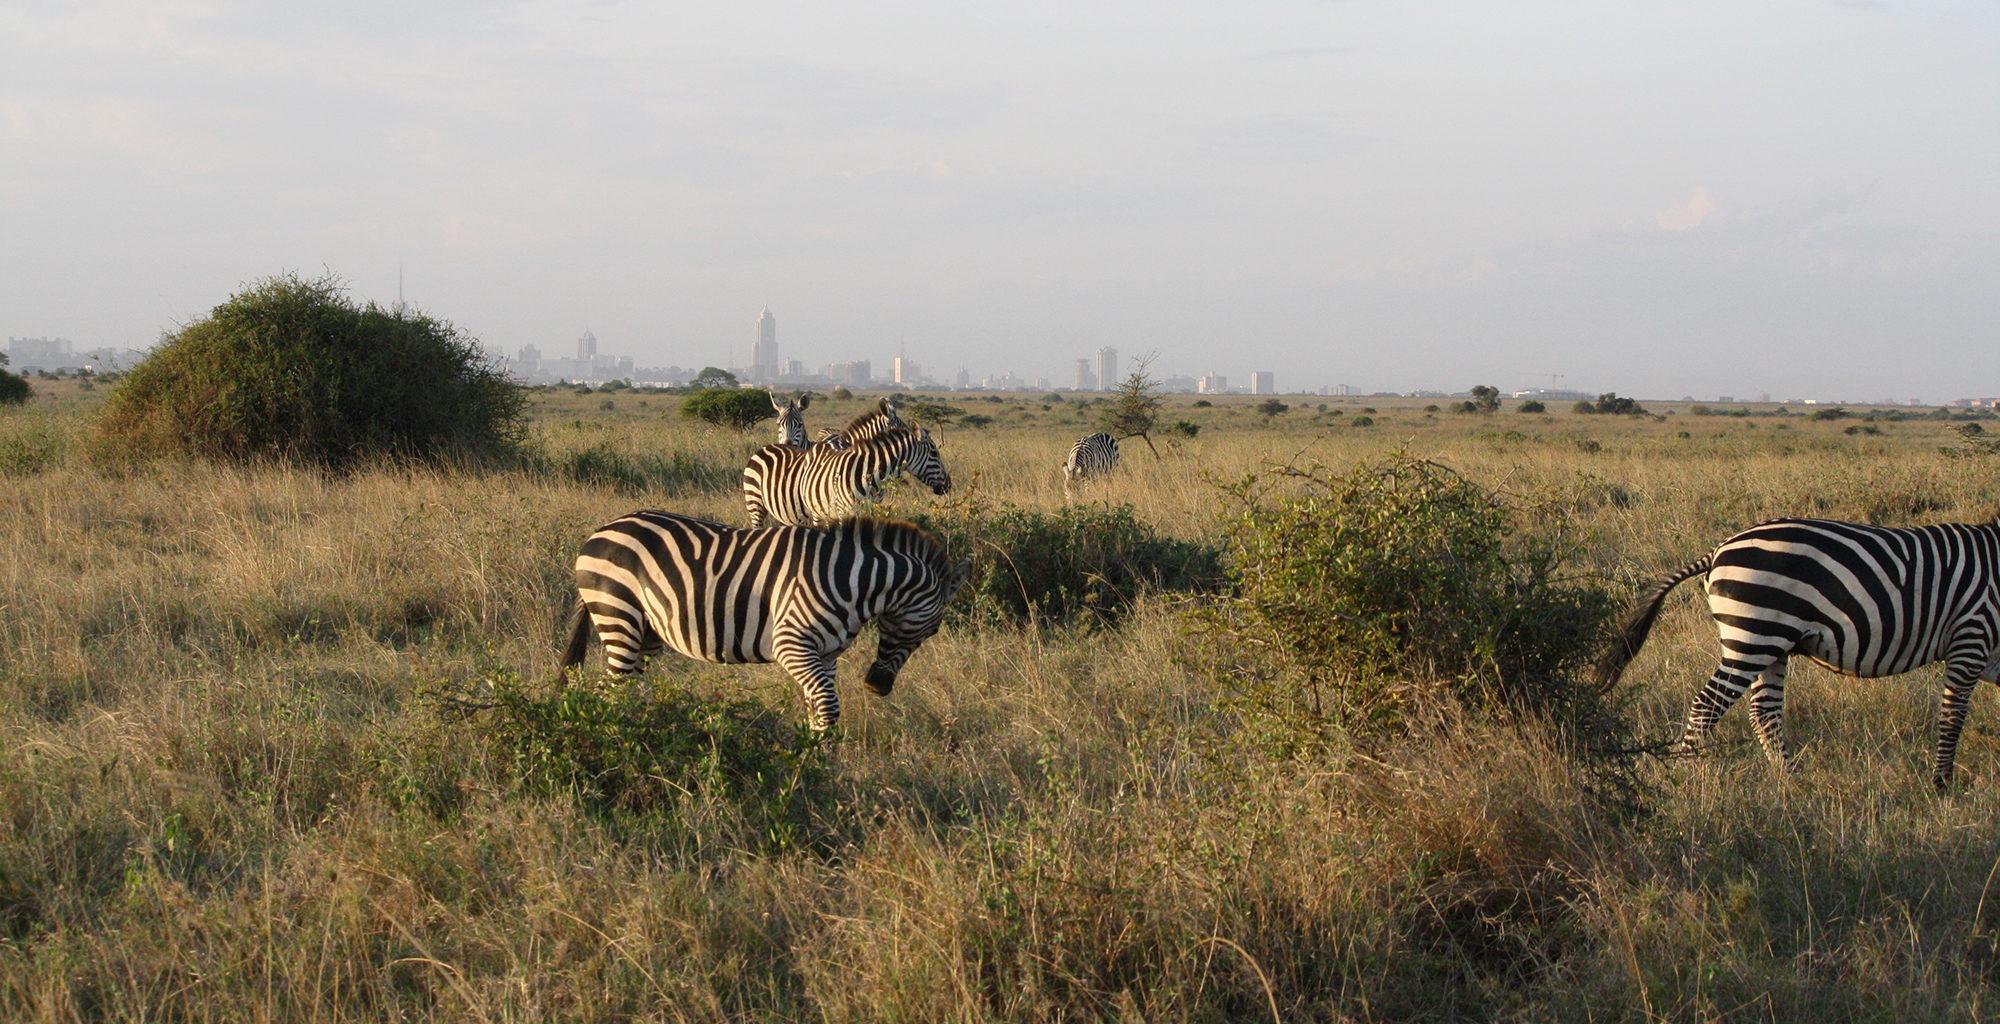 Kenya-Nairobi-Wildlife-Zebra